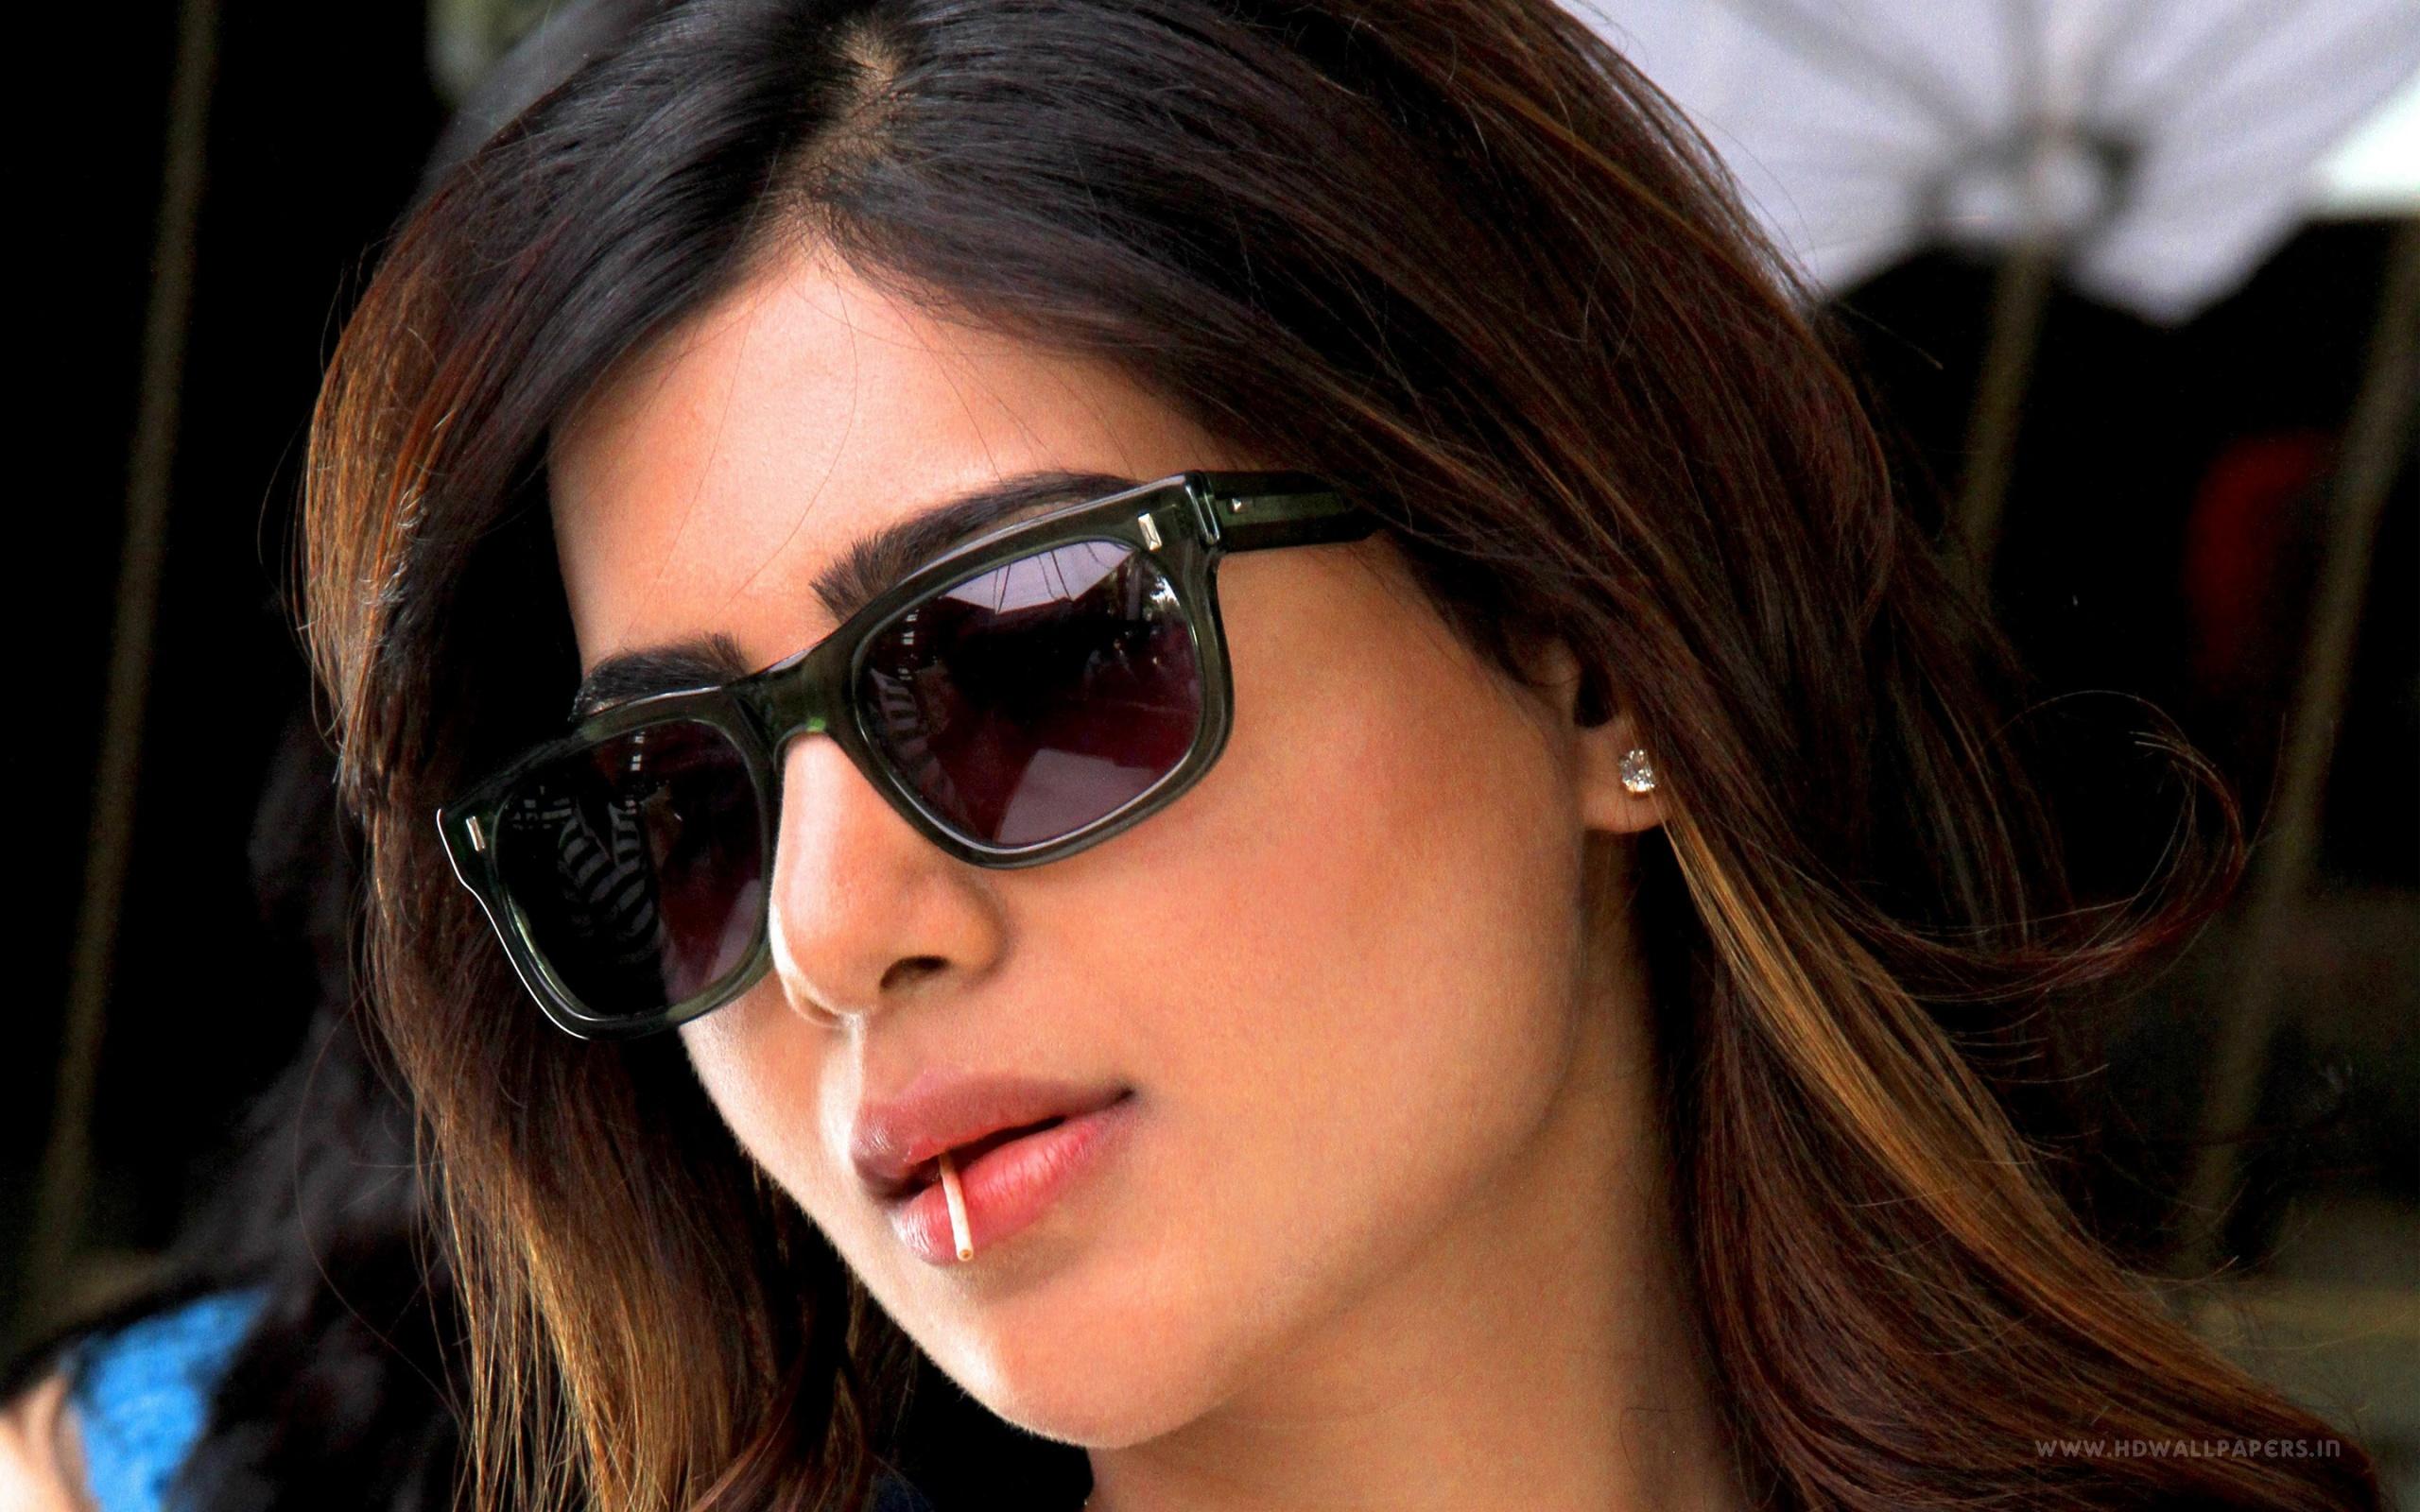 Samantha Tamil Actress Wallpapers